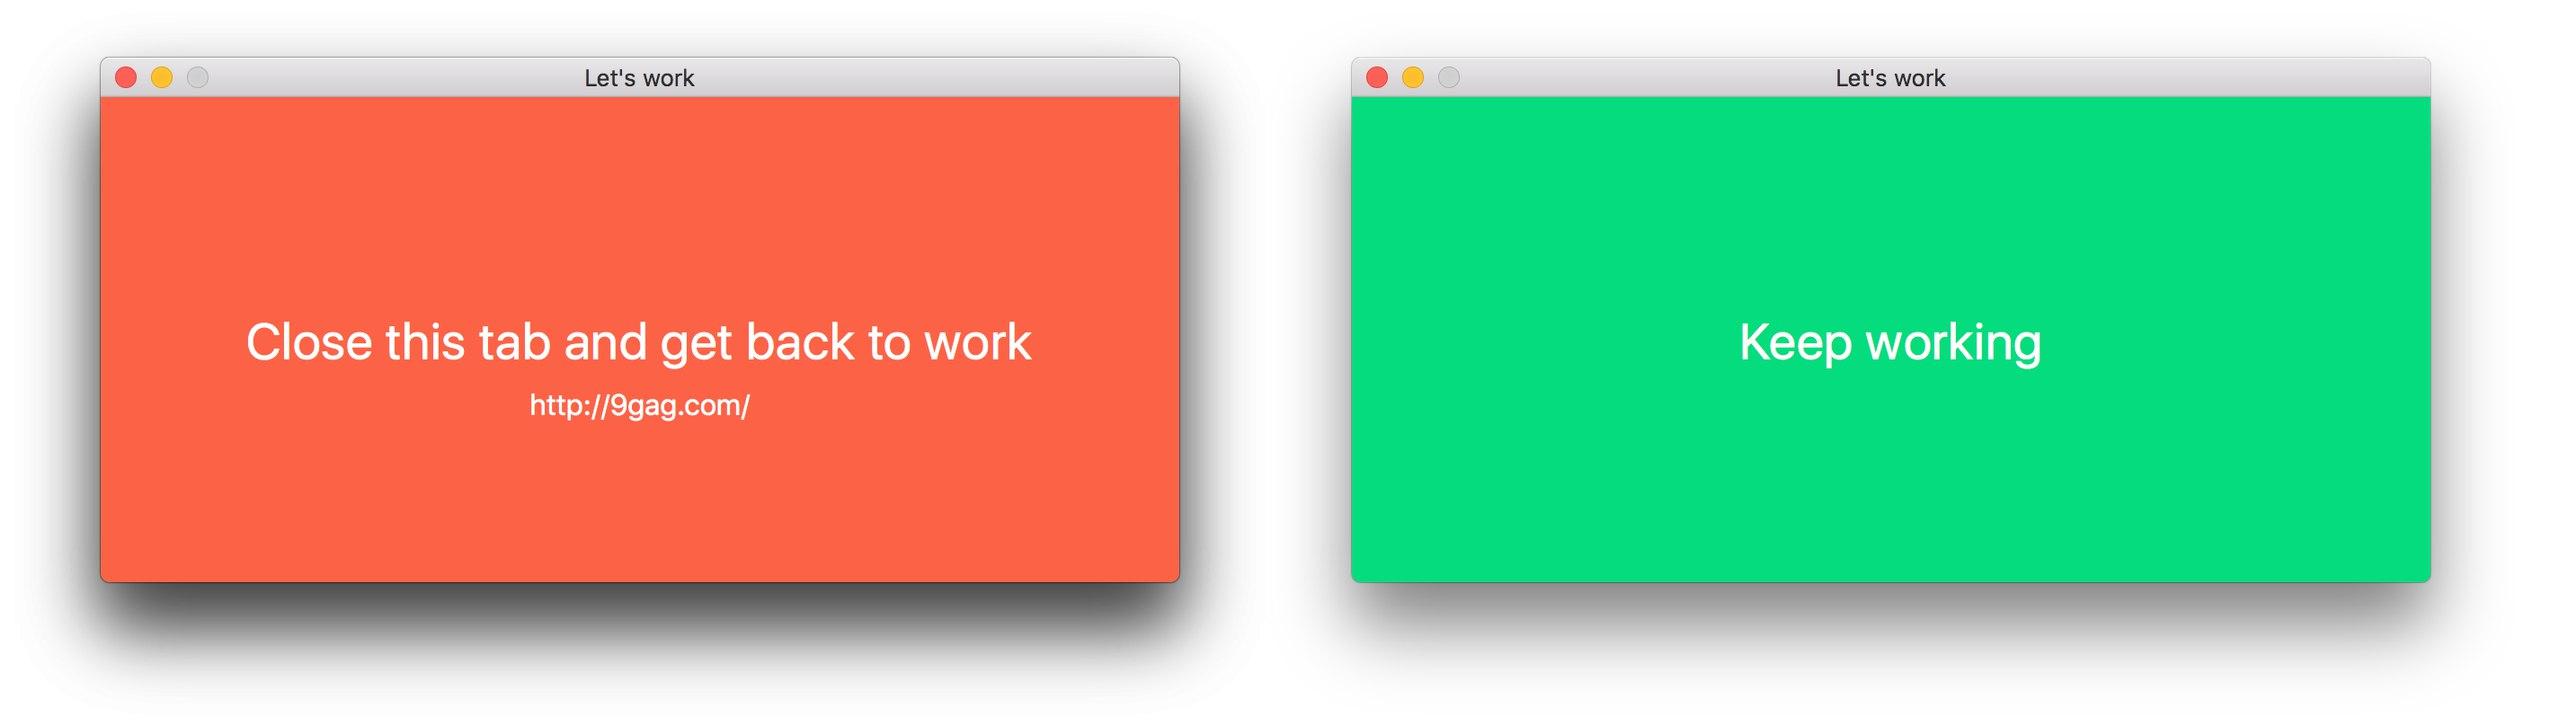 Lumen Taba на страже продуктивности: пишем собственное приложение для умной лампочки